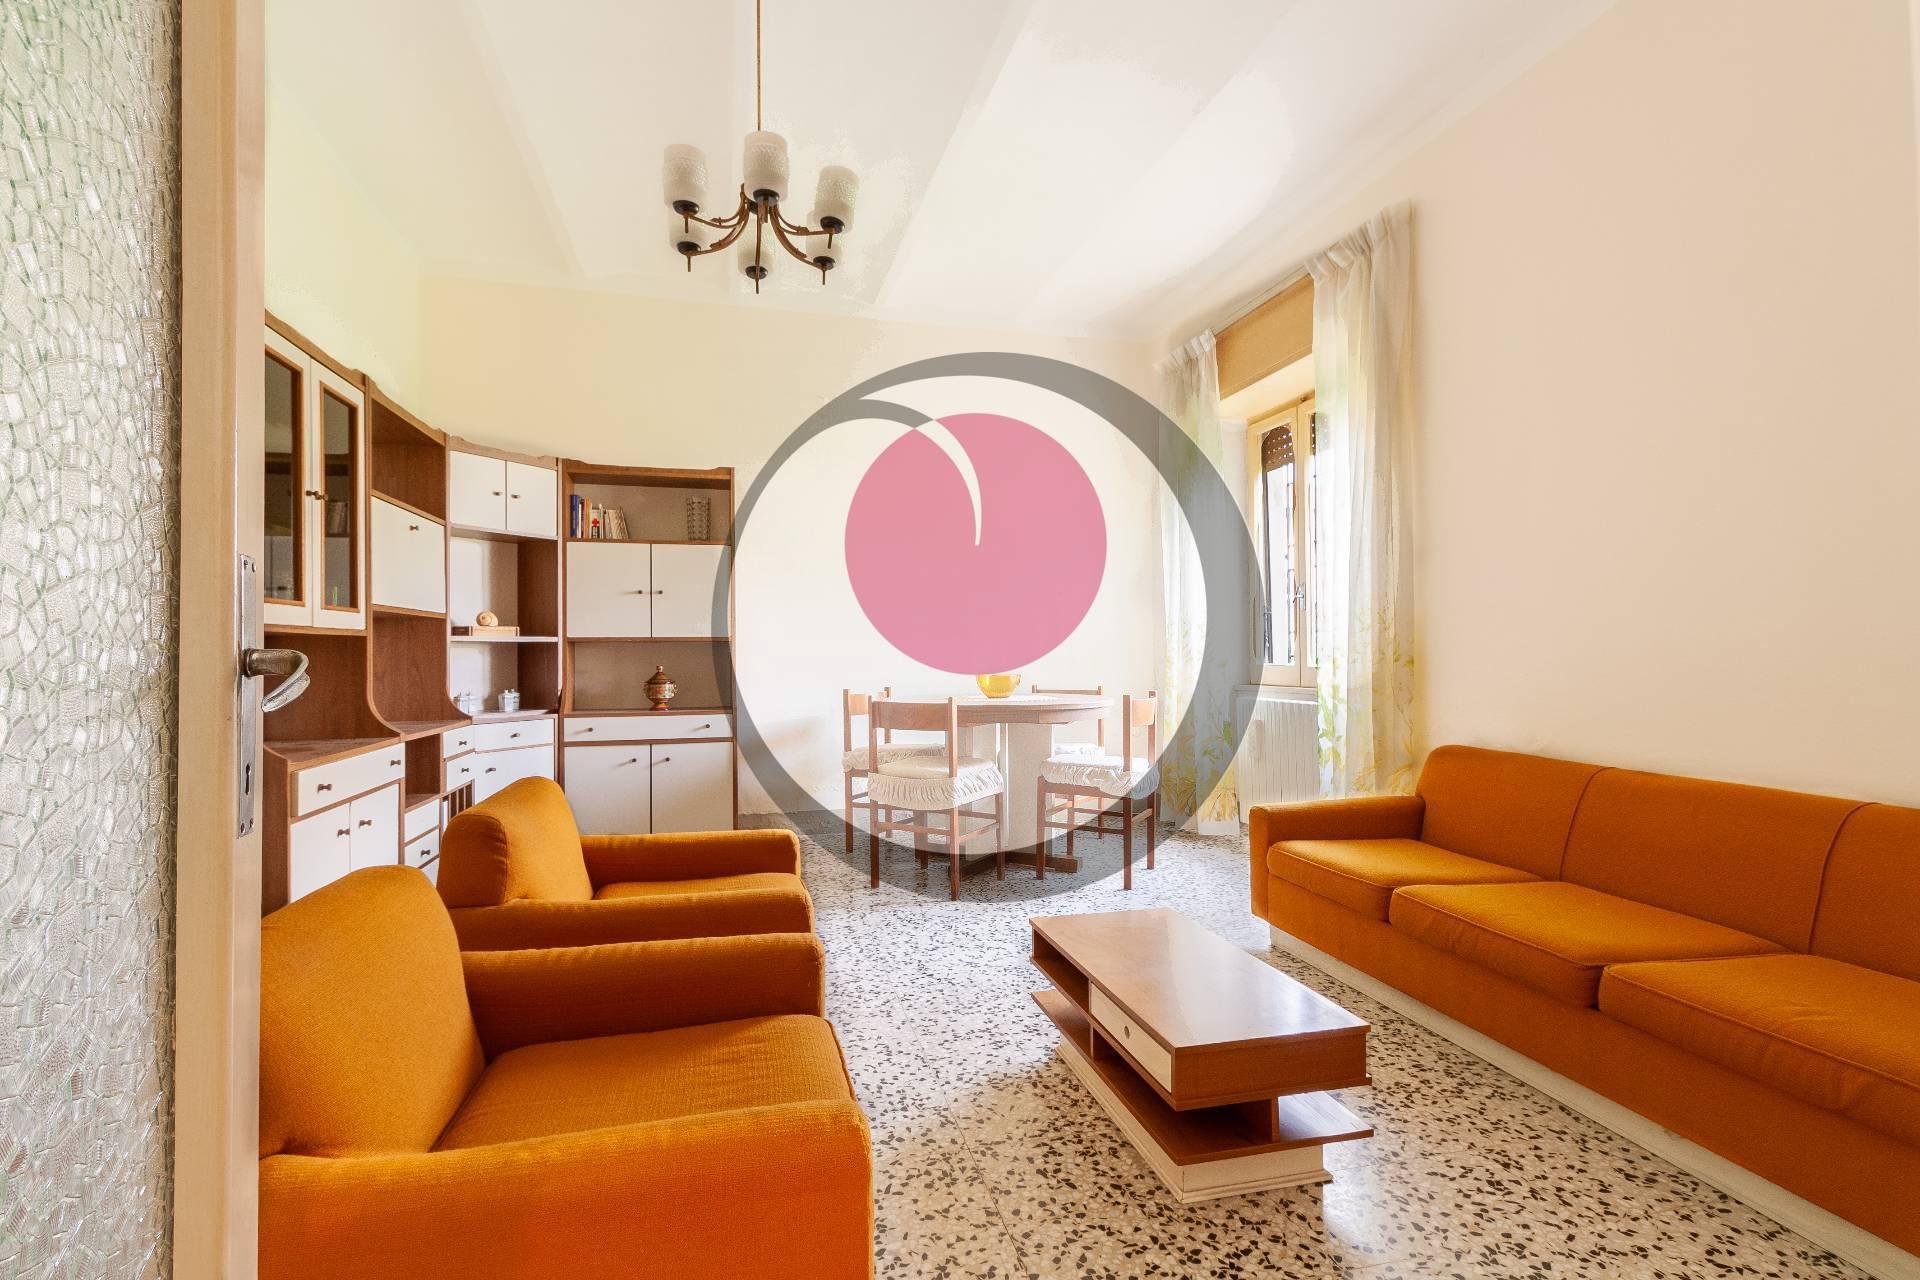 Casa semi-indipendente in vendita a Sant'apollinare, San Vito Chietino (CH)